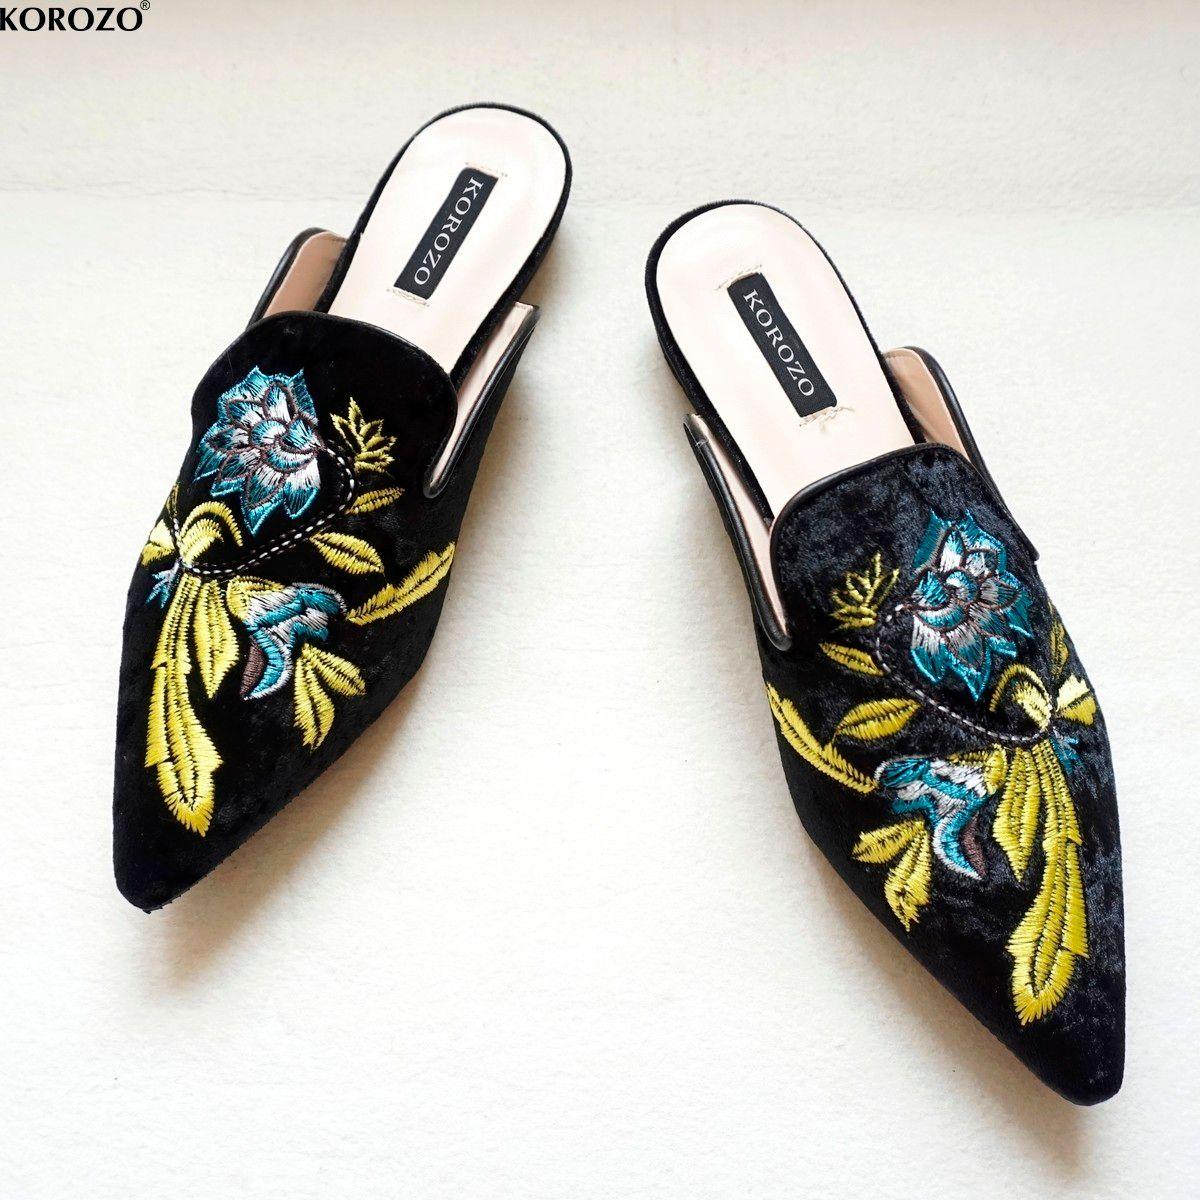 2018 femmes broderie Velet Mules diapositives Chiara Ferragni robe pantoufle 1.5 cm talon tongs Slipony sans lacet sandales chaussures